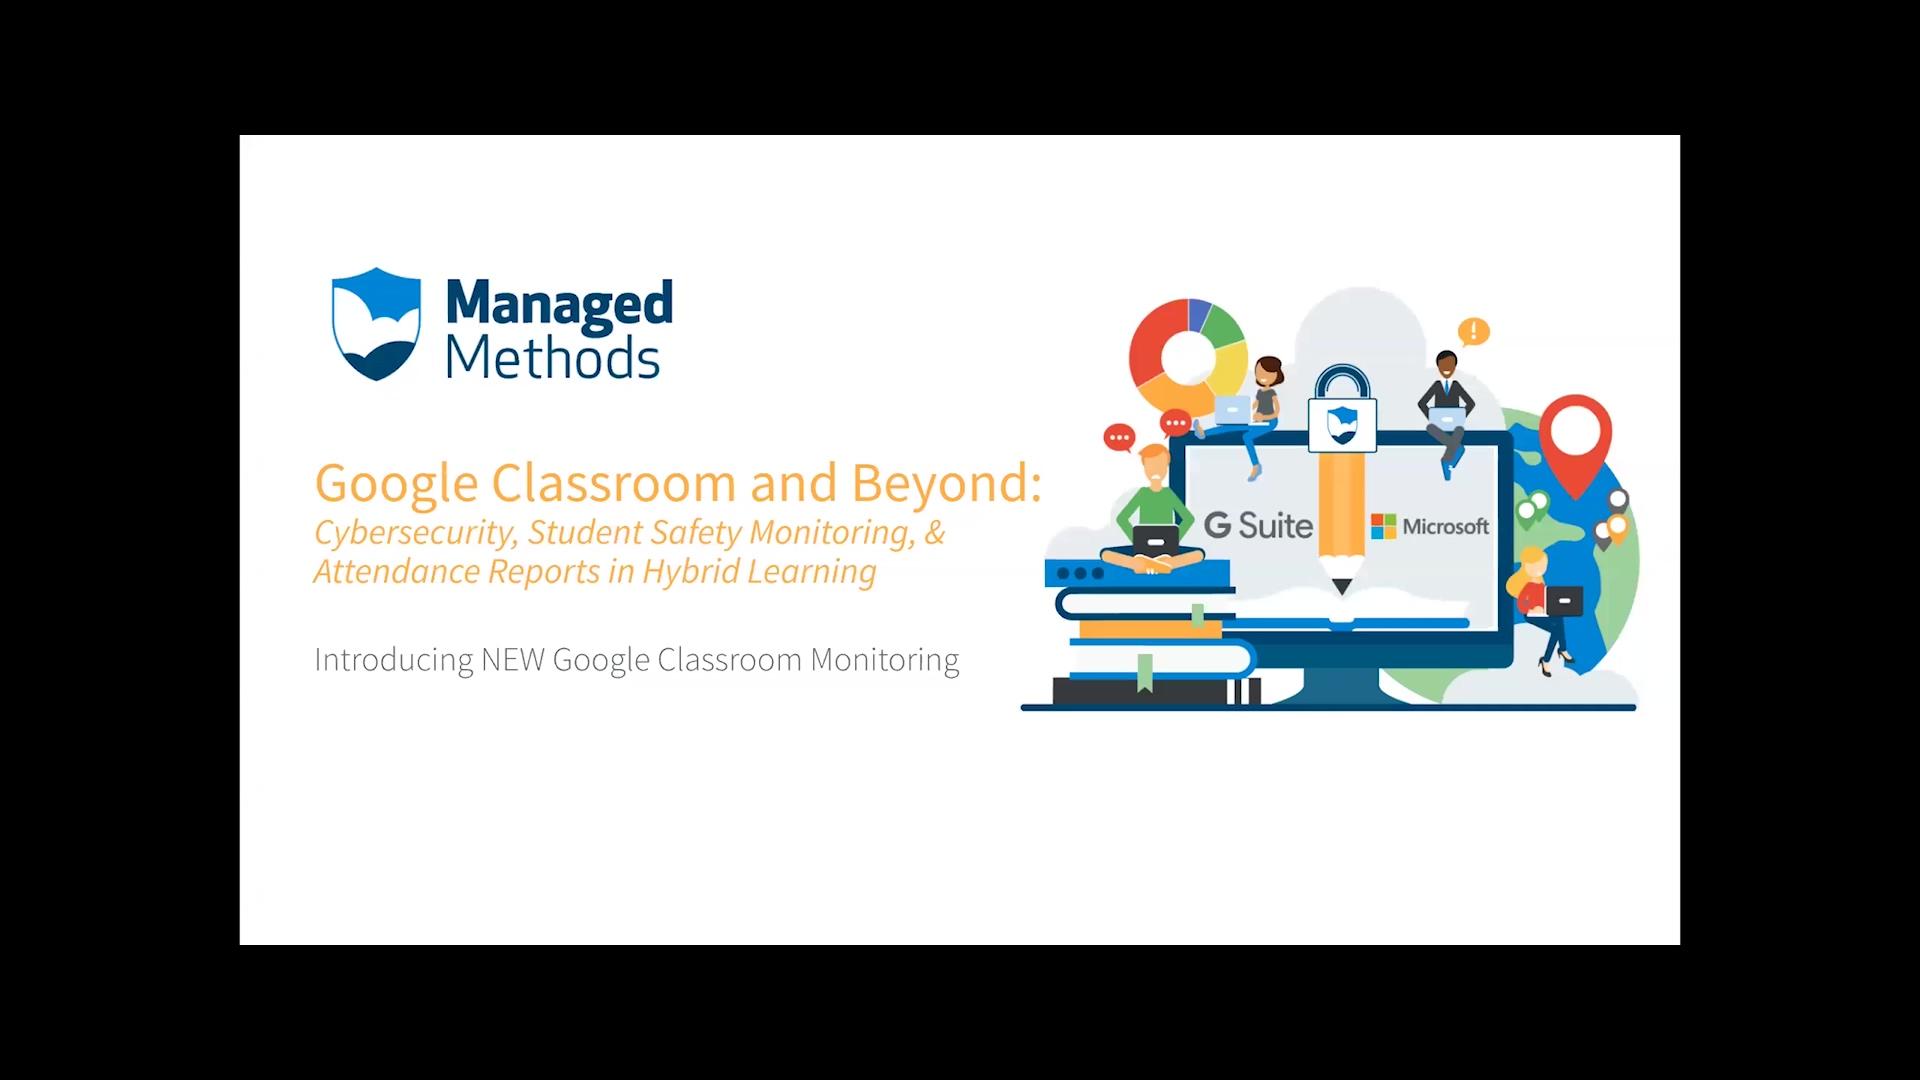 ManagedMethods Google Classroom Safety Security